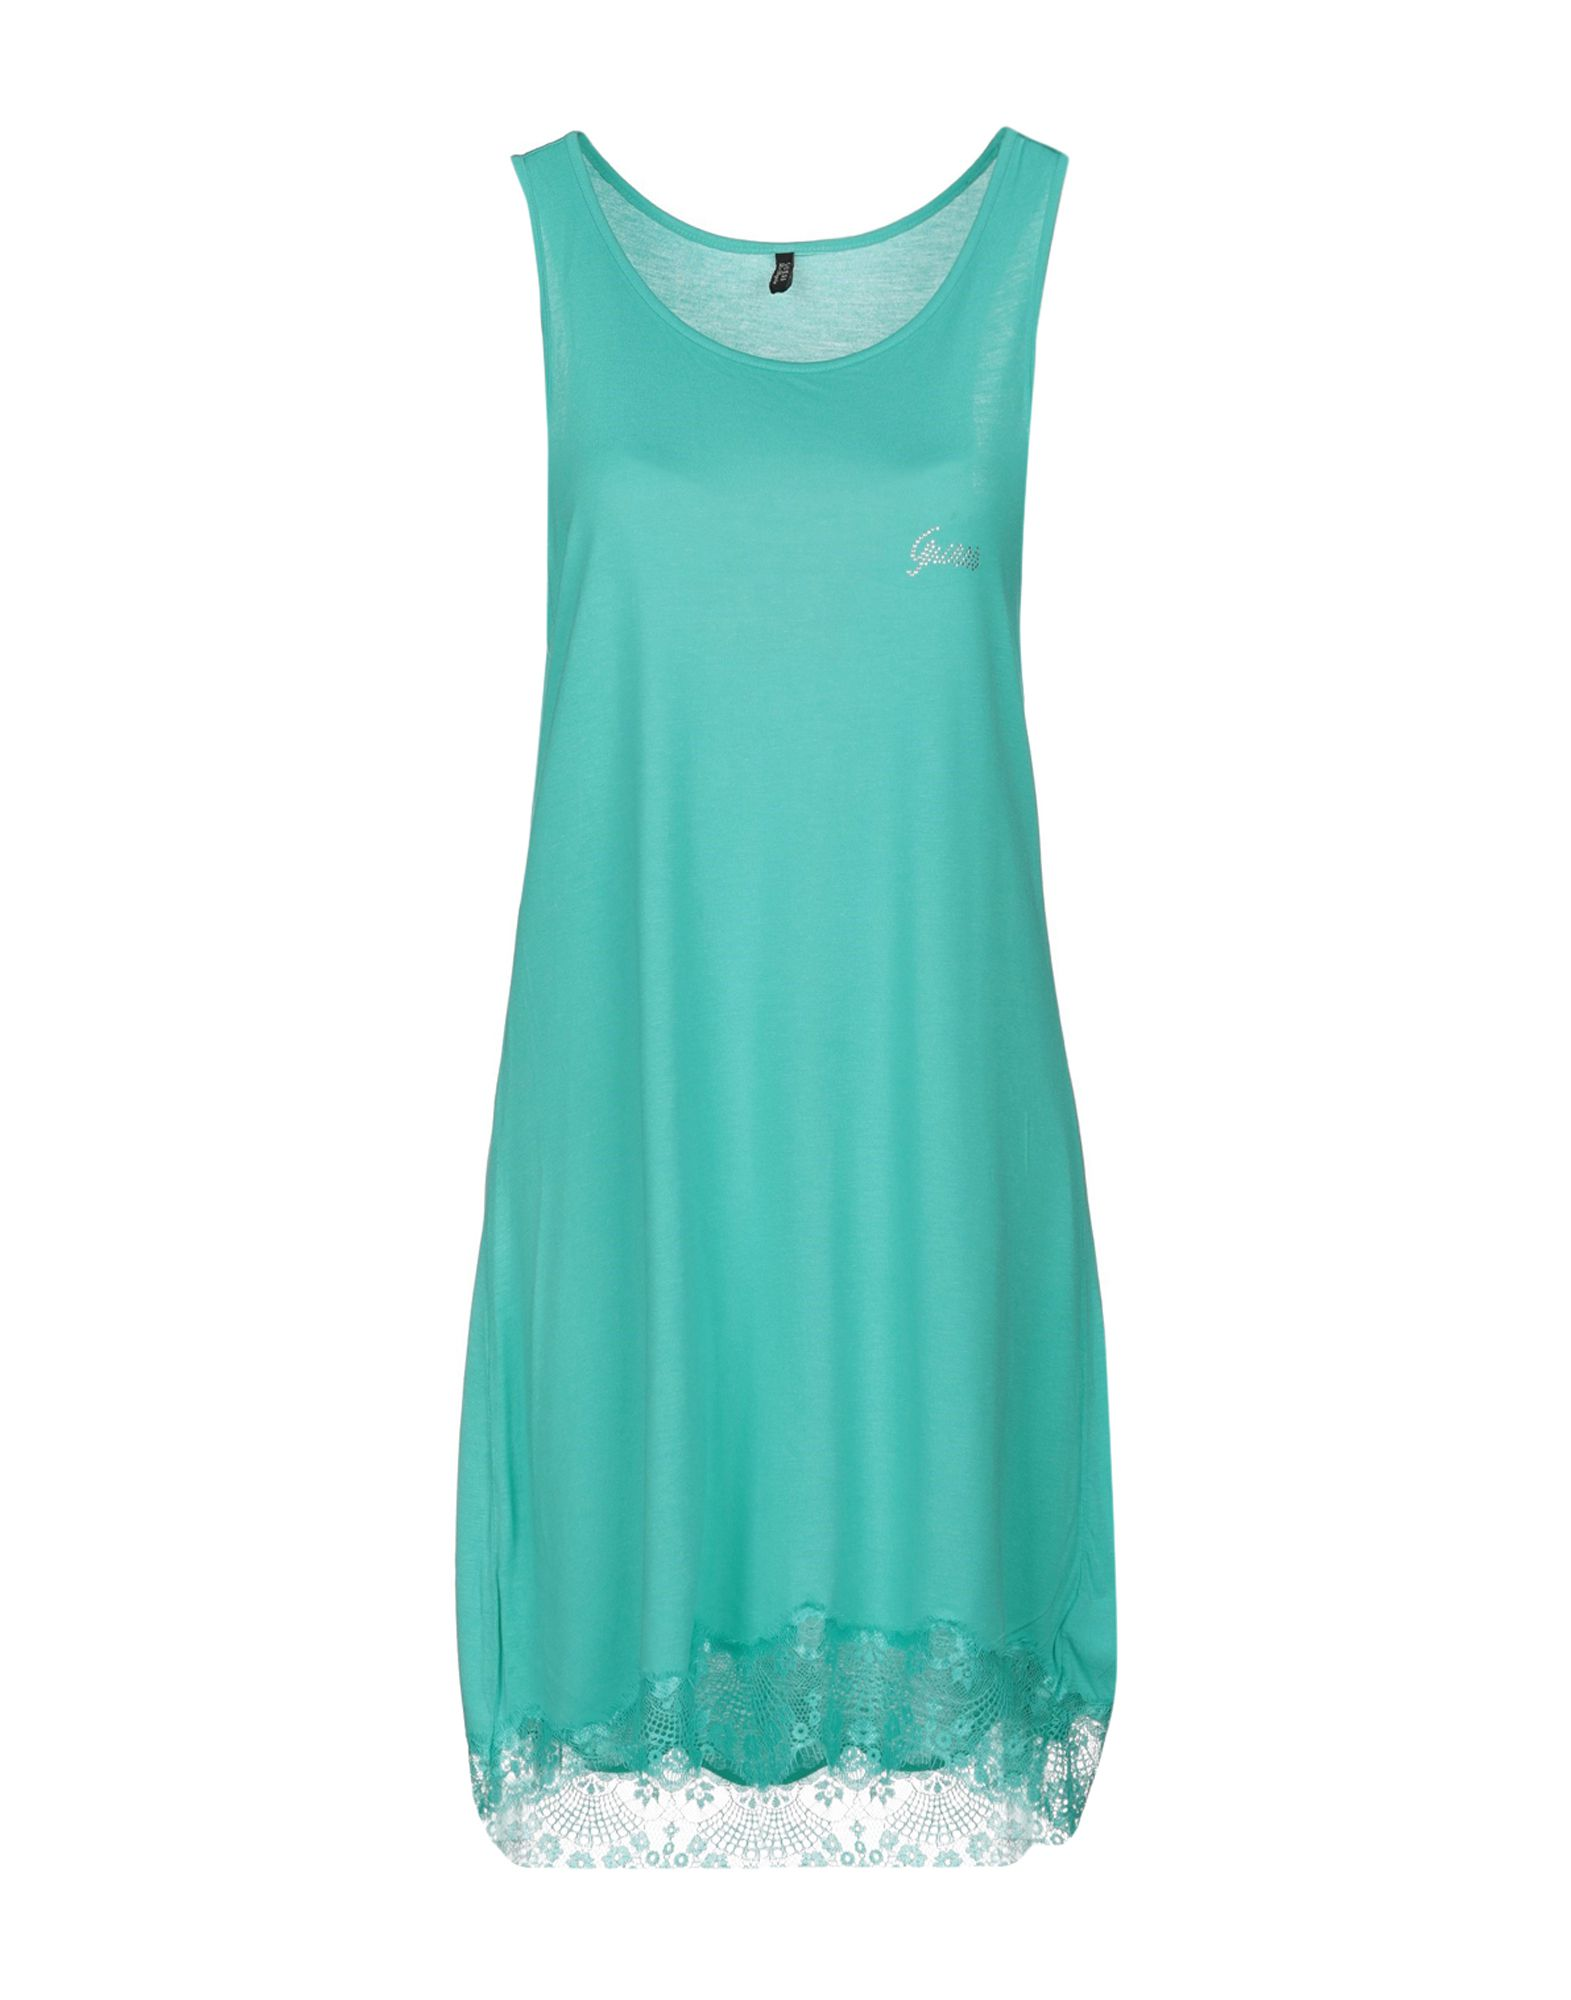 GUESS Короткое платье платье без рукавов с кружевной вставкой на спинке